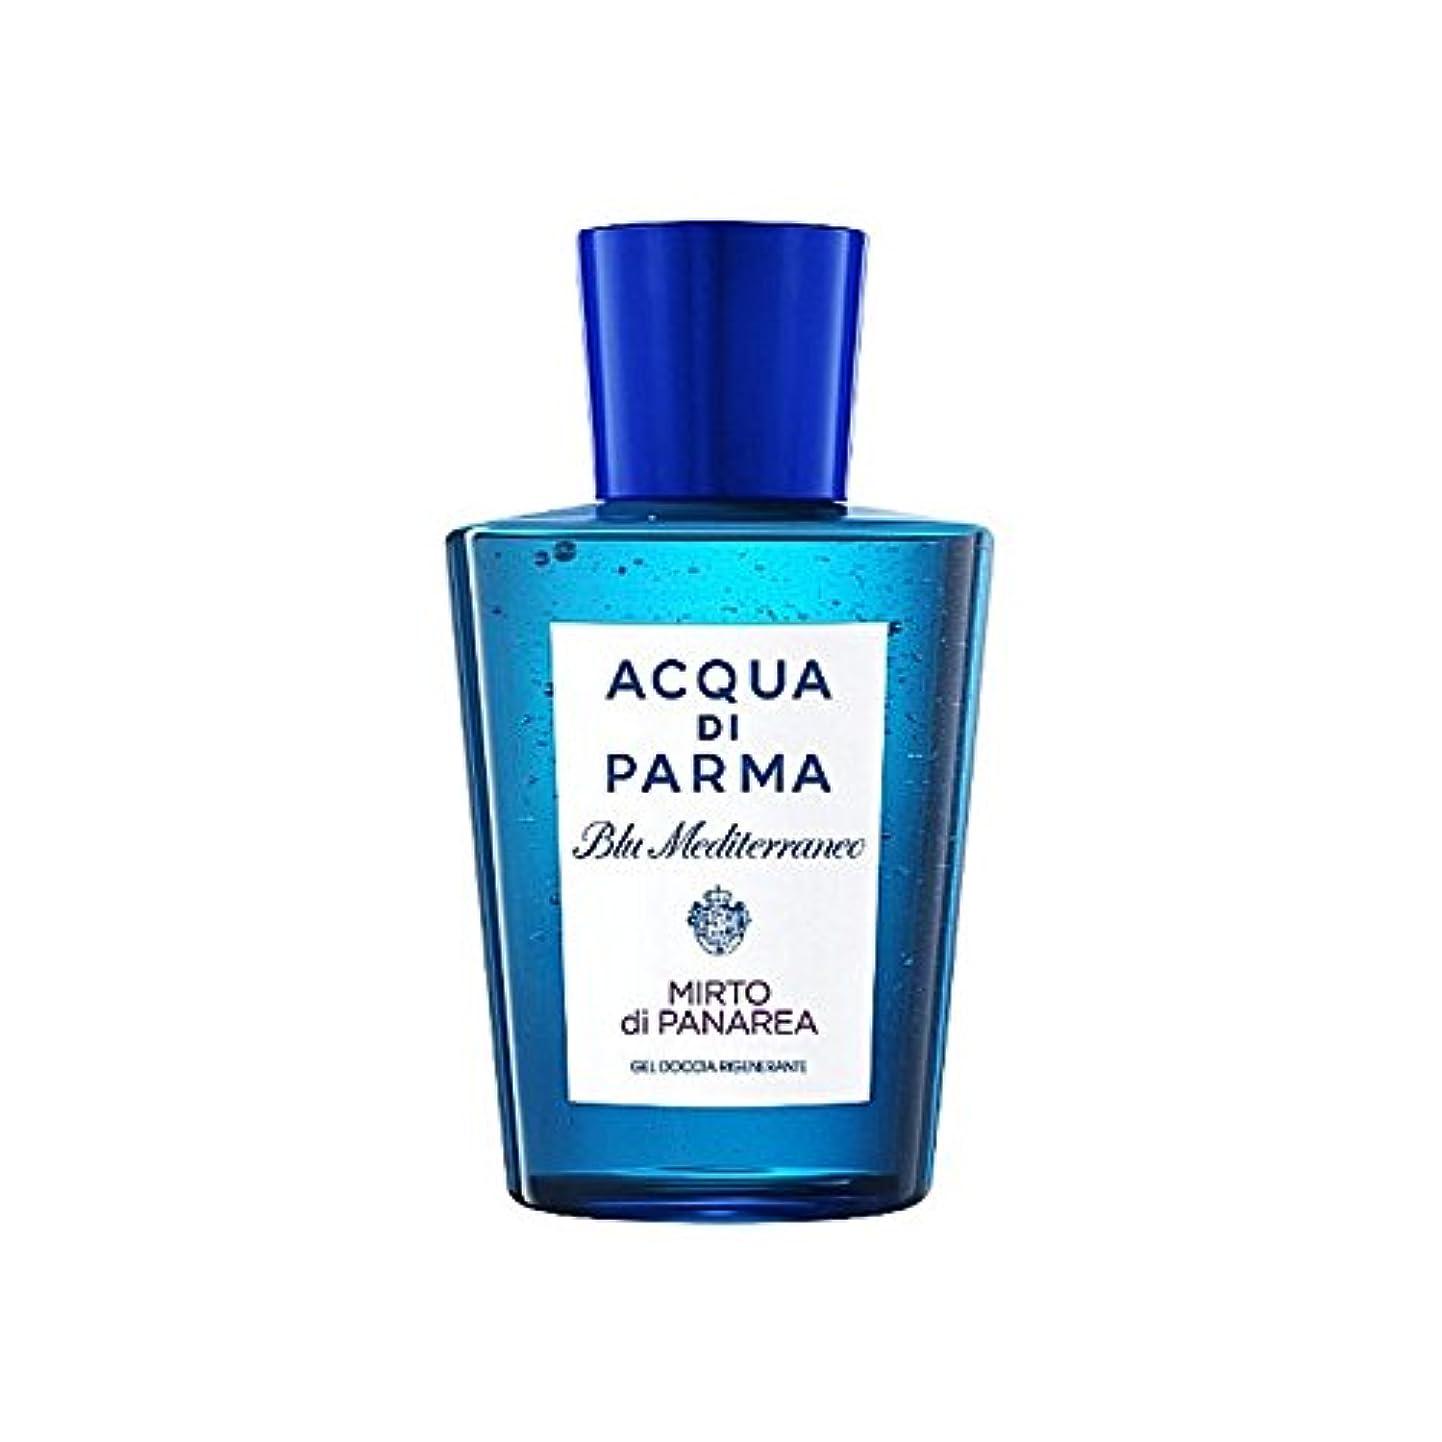 ハンディキャップ水曜日猫背Acqua Di Parma Blu Mediterraneo Mirto Di Panarea Shower Gel 200ml (Pack of 6) - アクアディパルマブルーメディミルトディパナレアシャワージェル200 x6 [並行輸入品]